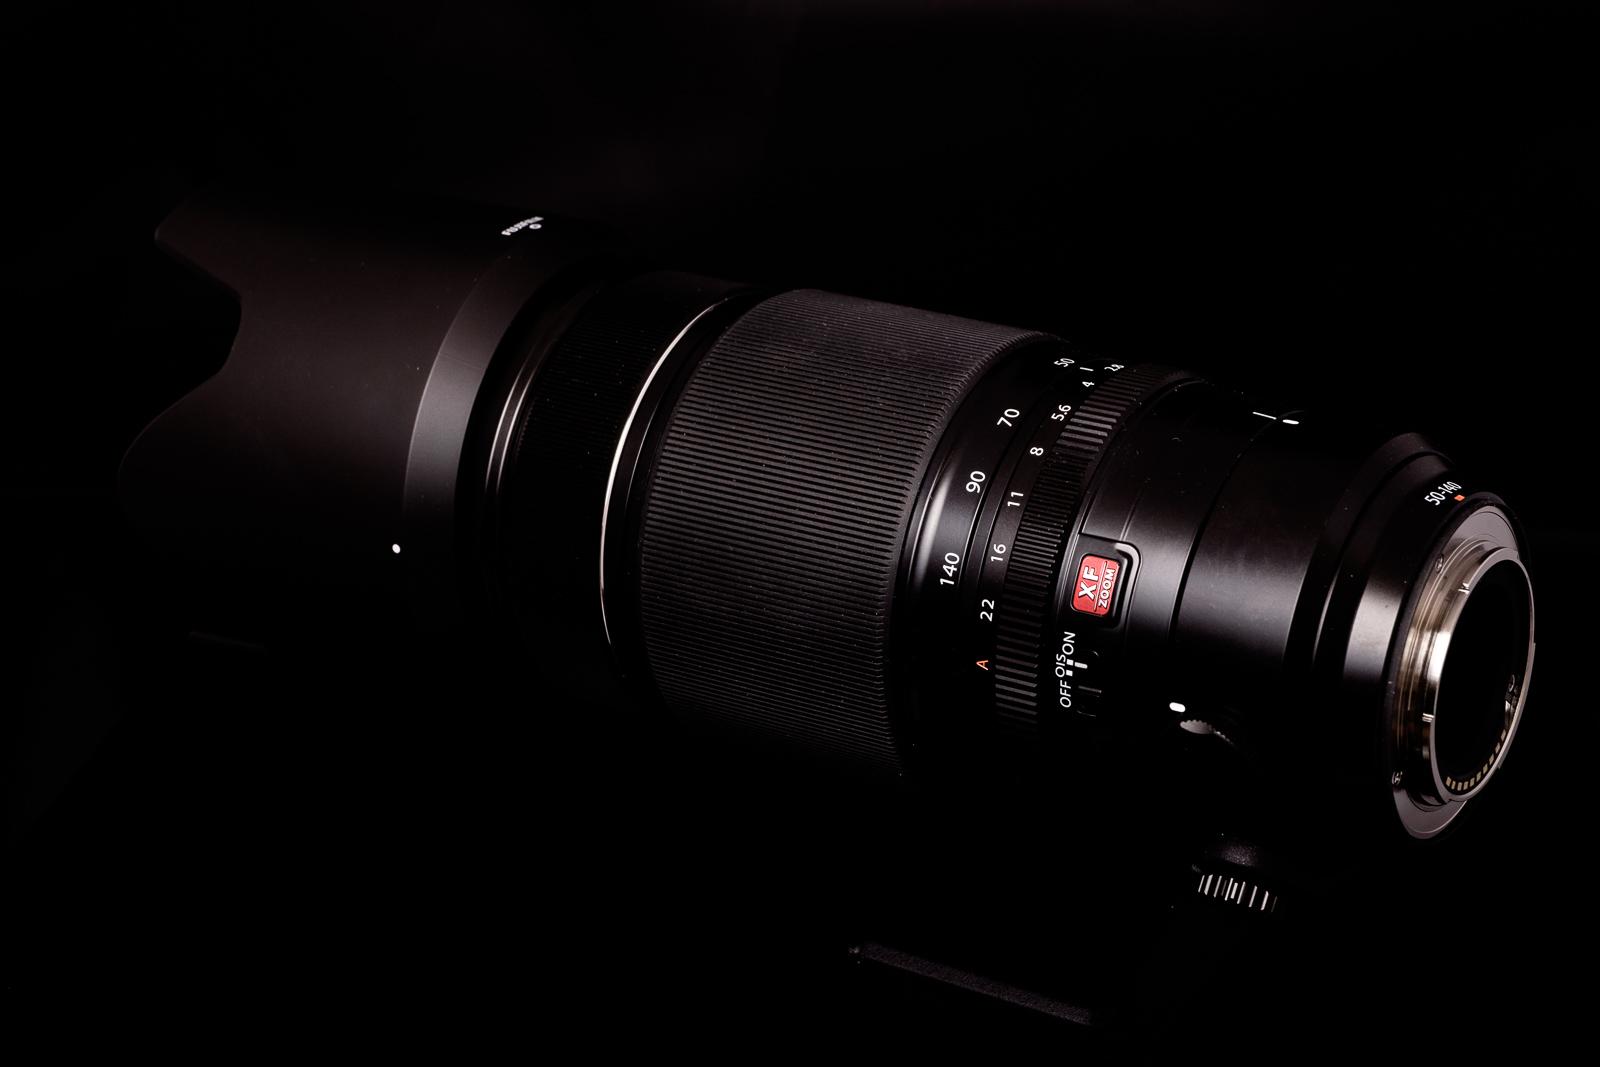 XF 50-140mm f/2.8 R LM OIS WR